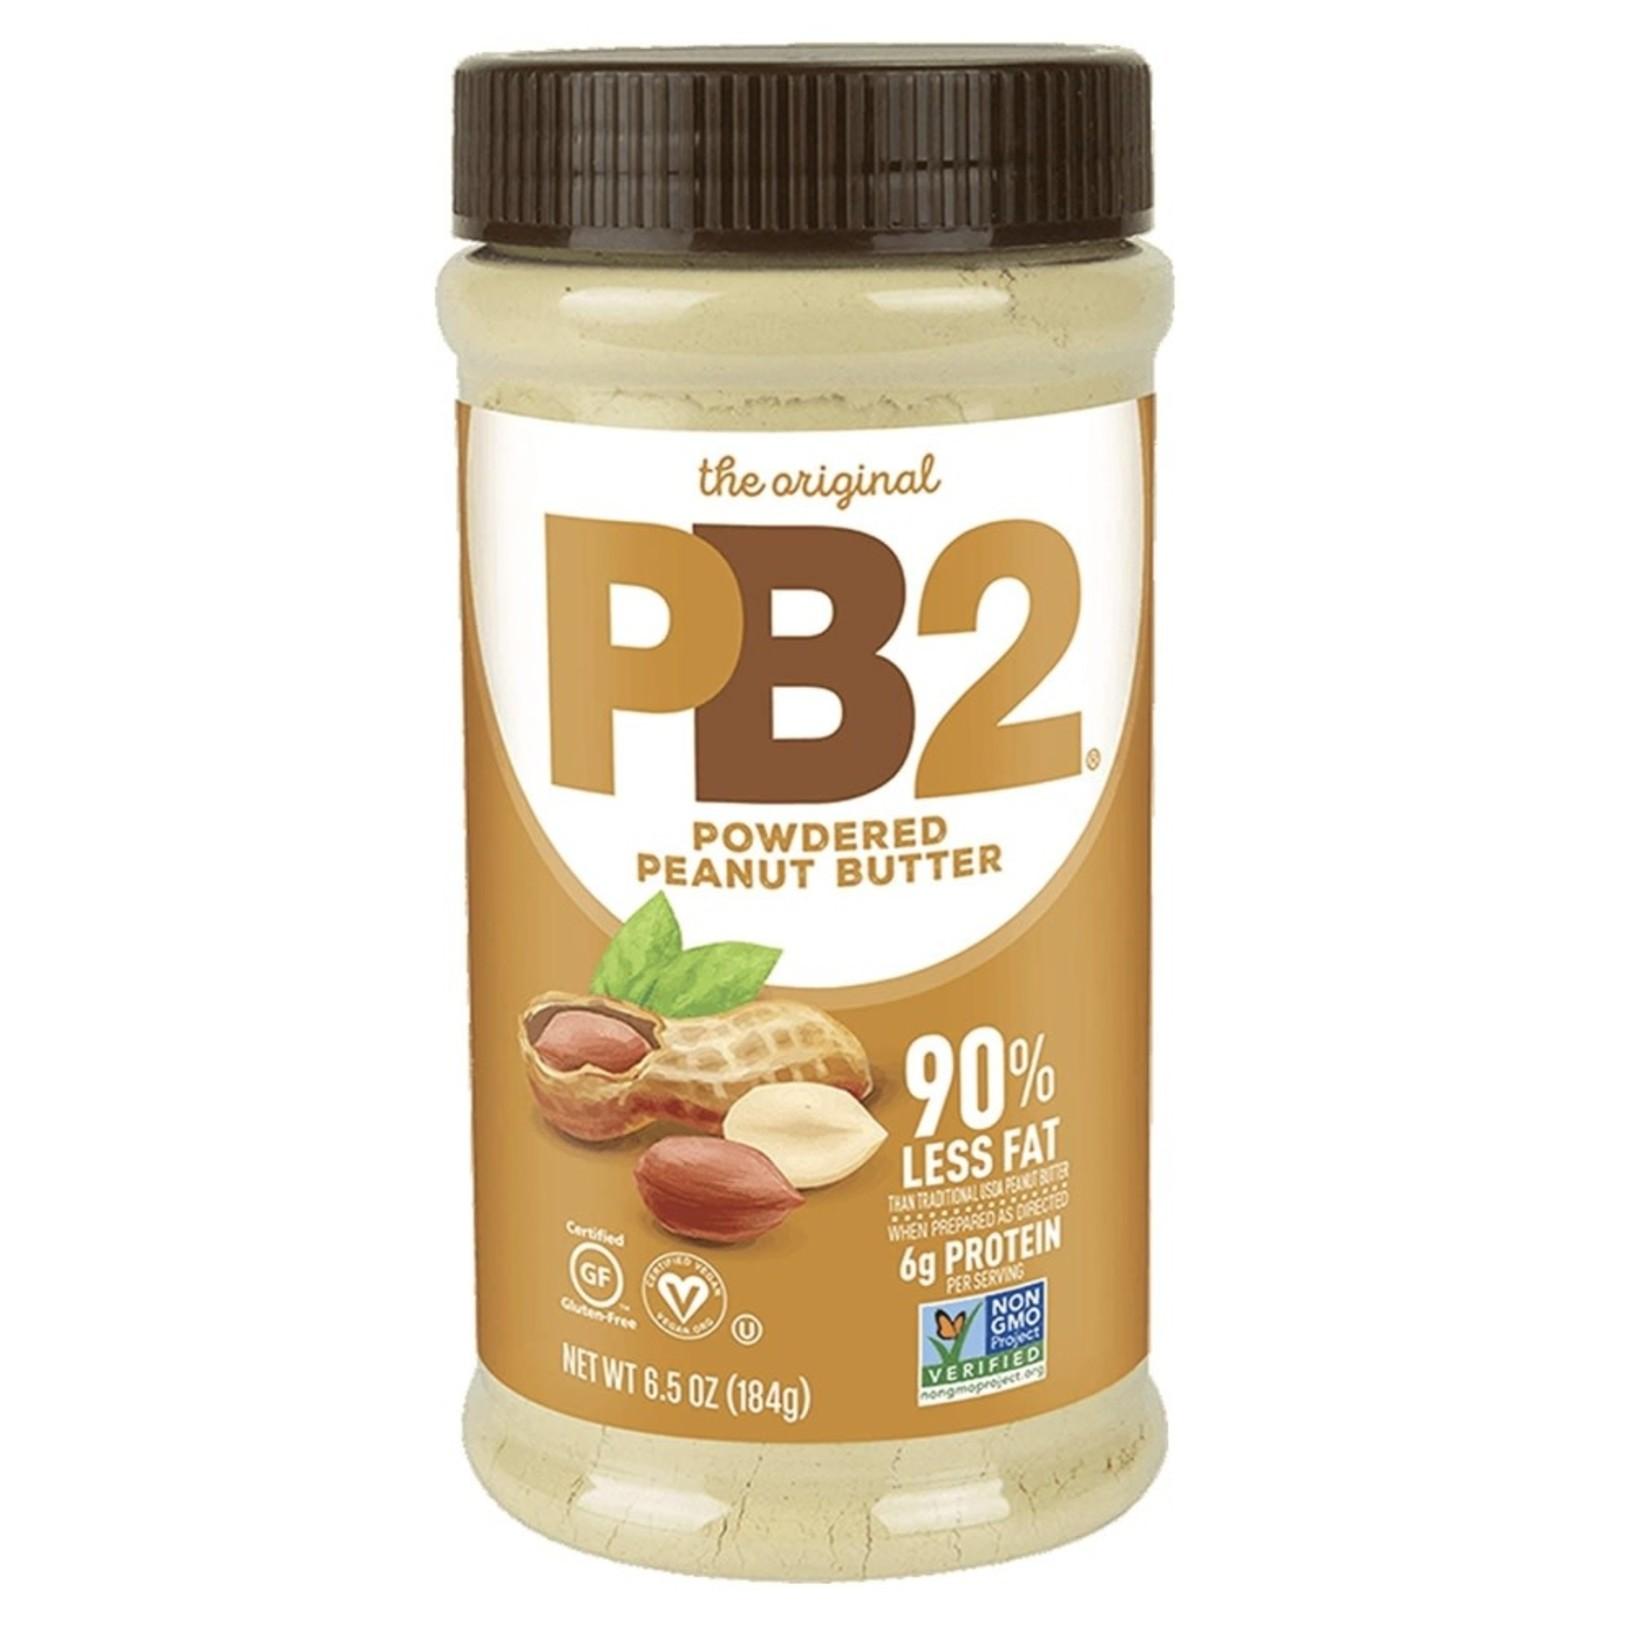 PB2 PB2 Original 184g